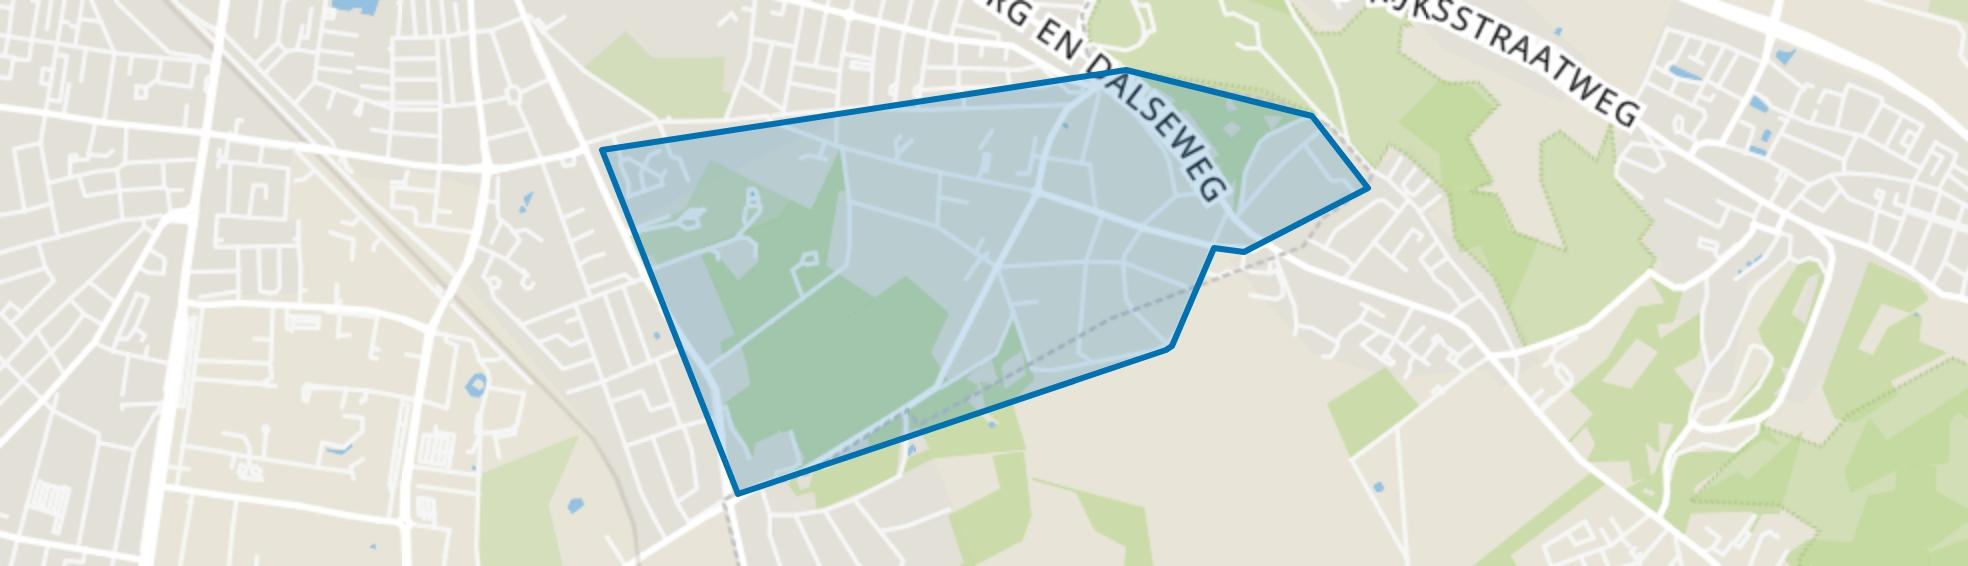 Kwakkenberg, Nijmegen map